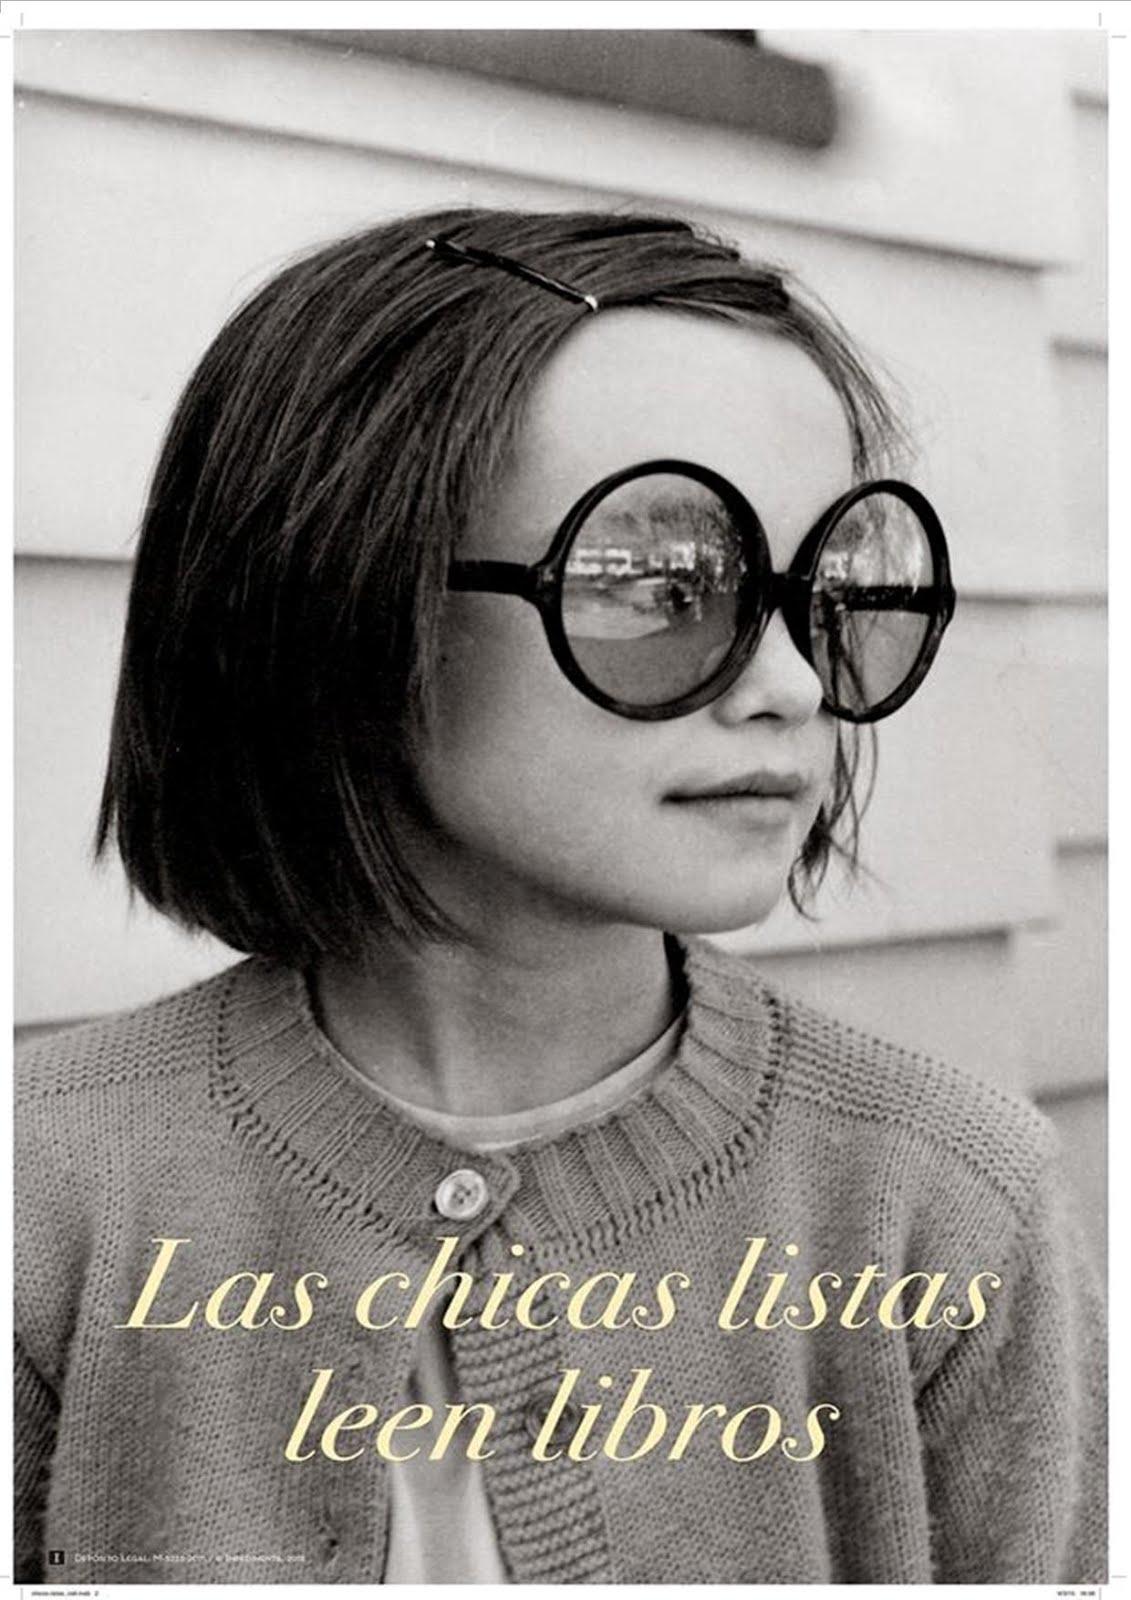 LAS CHICAS LISTAS LEEN